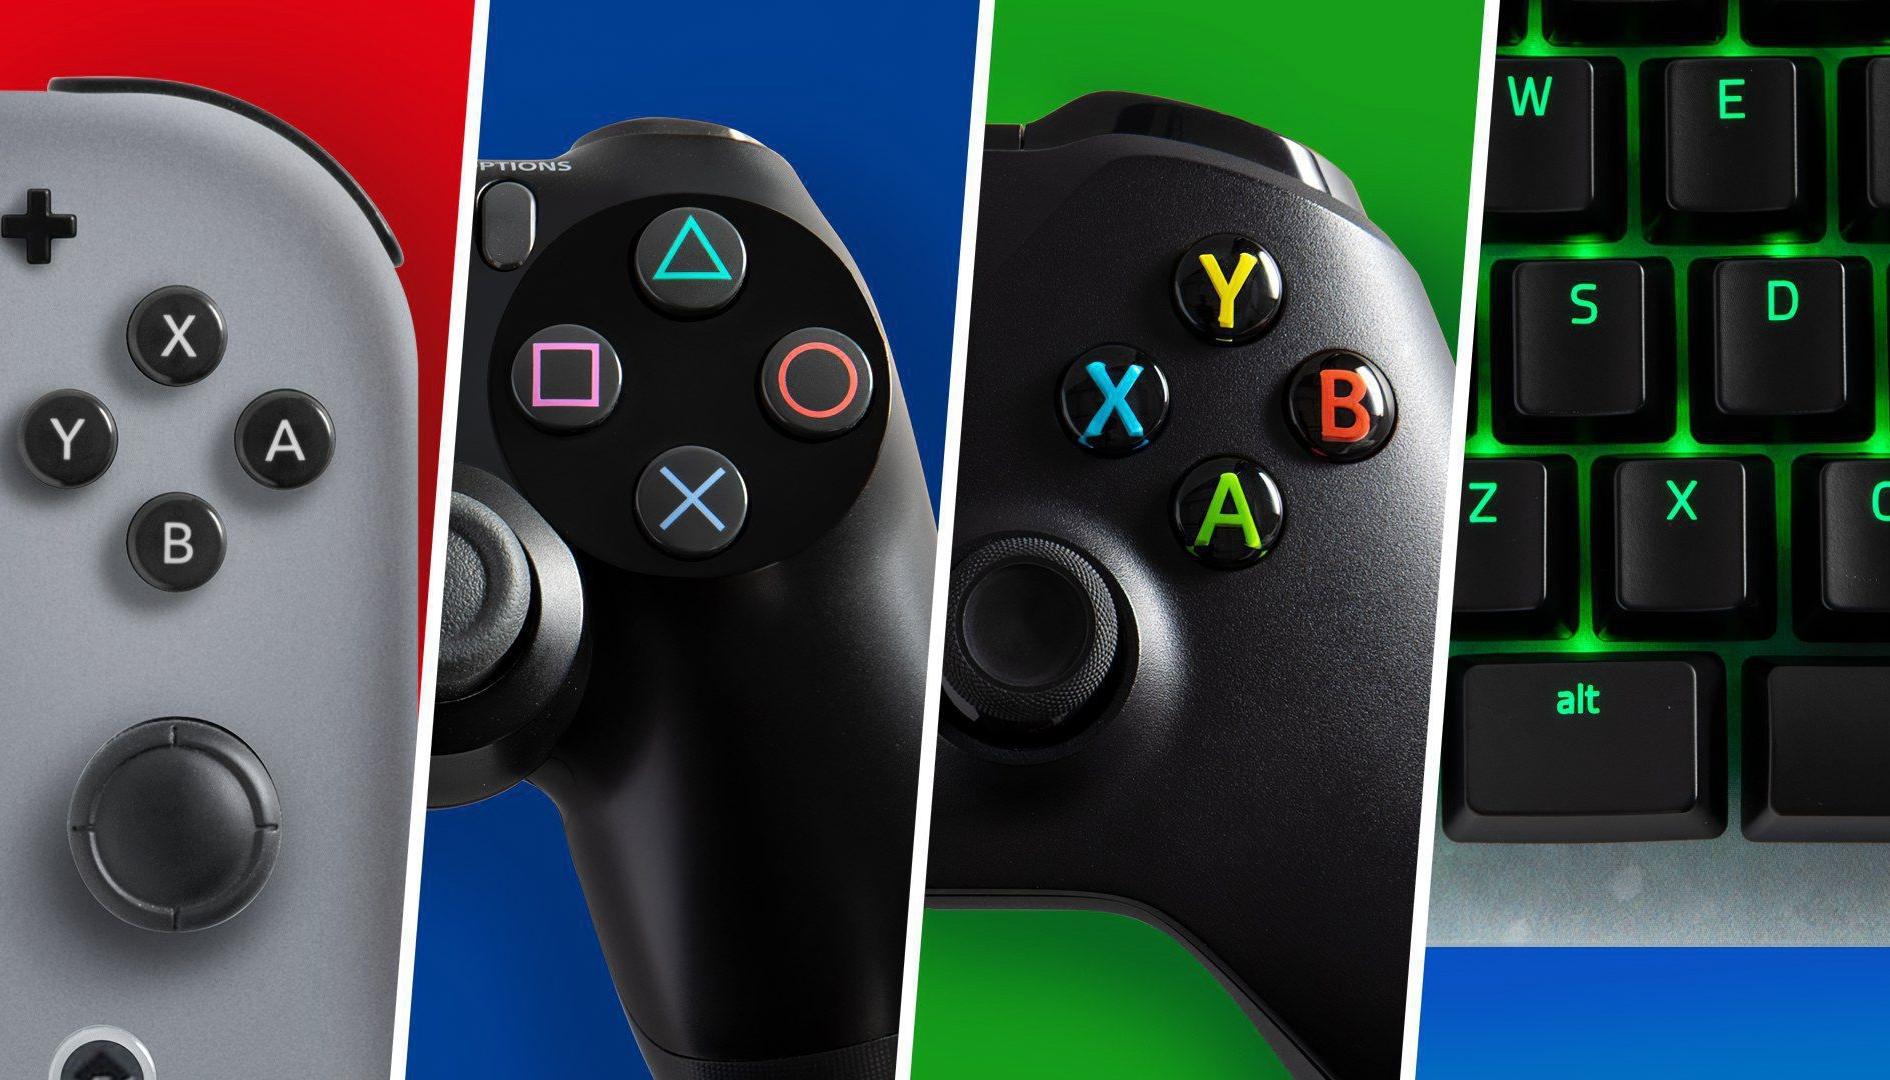 Giochi gratis da scaricare su PS4, PC e Xbox One